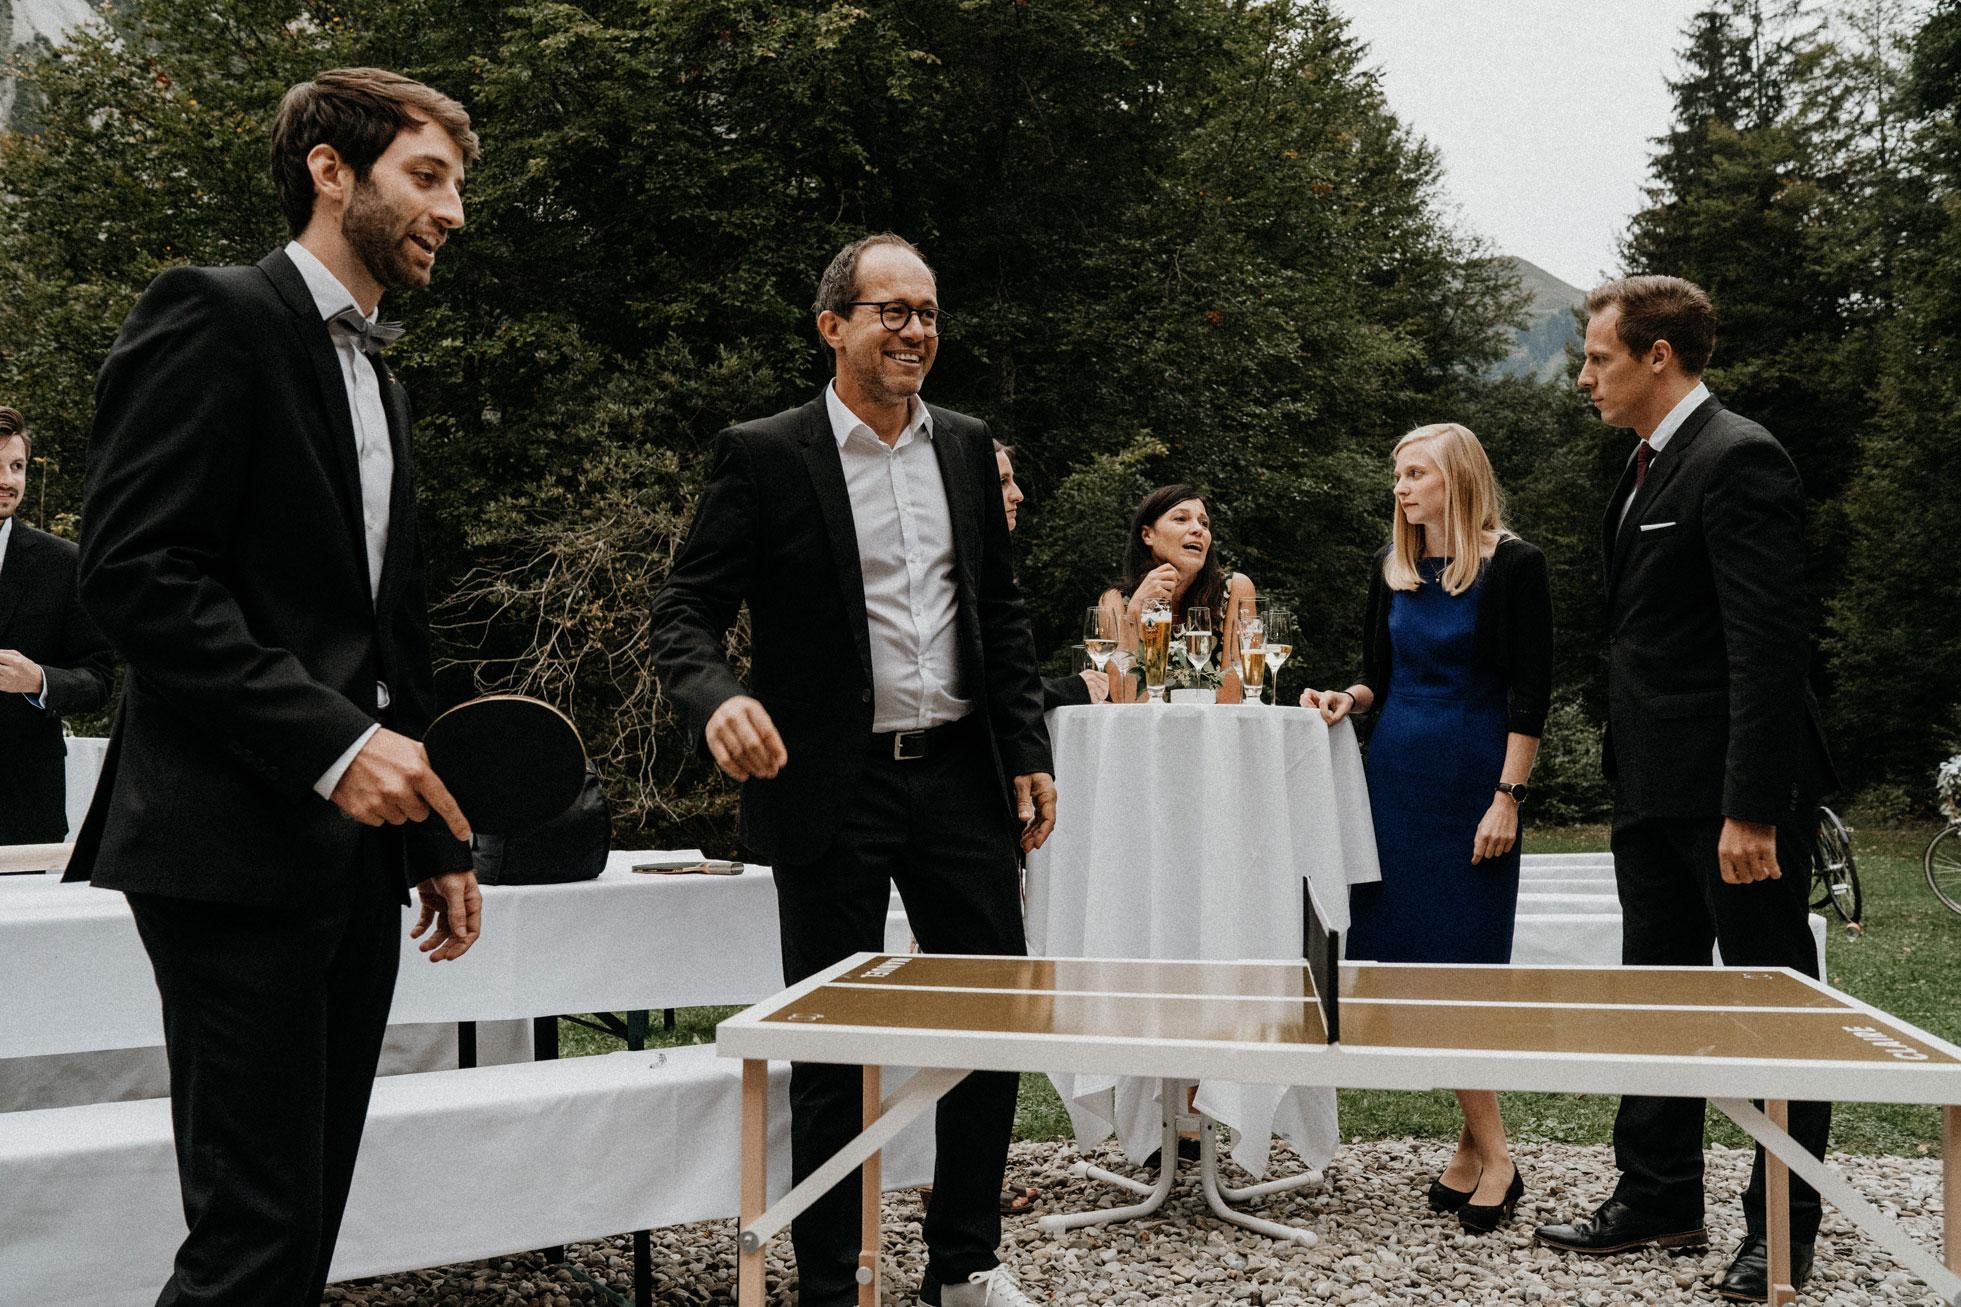 Hochzeit_Claire_Manuel_Villa_Maund_Daniel_Jenny-413.jpg